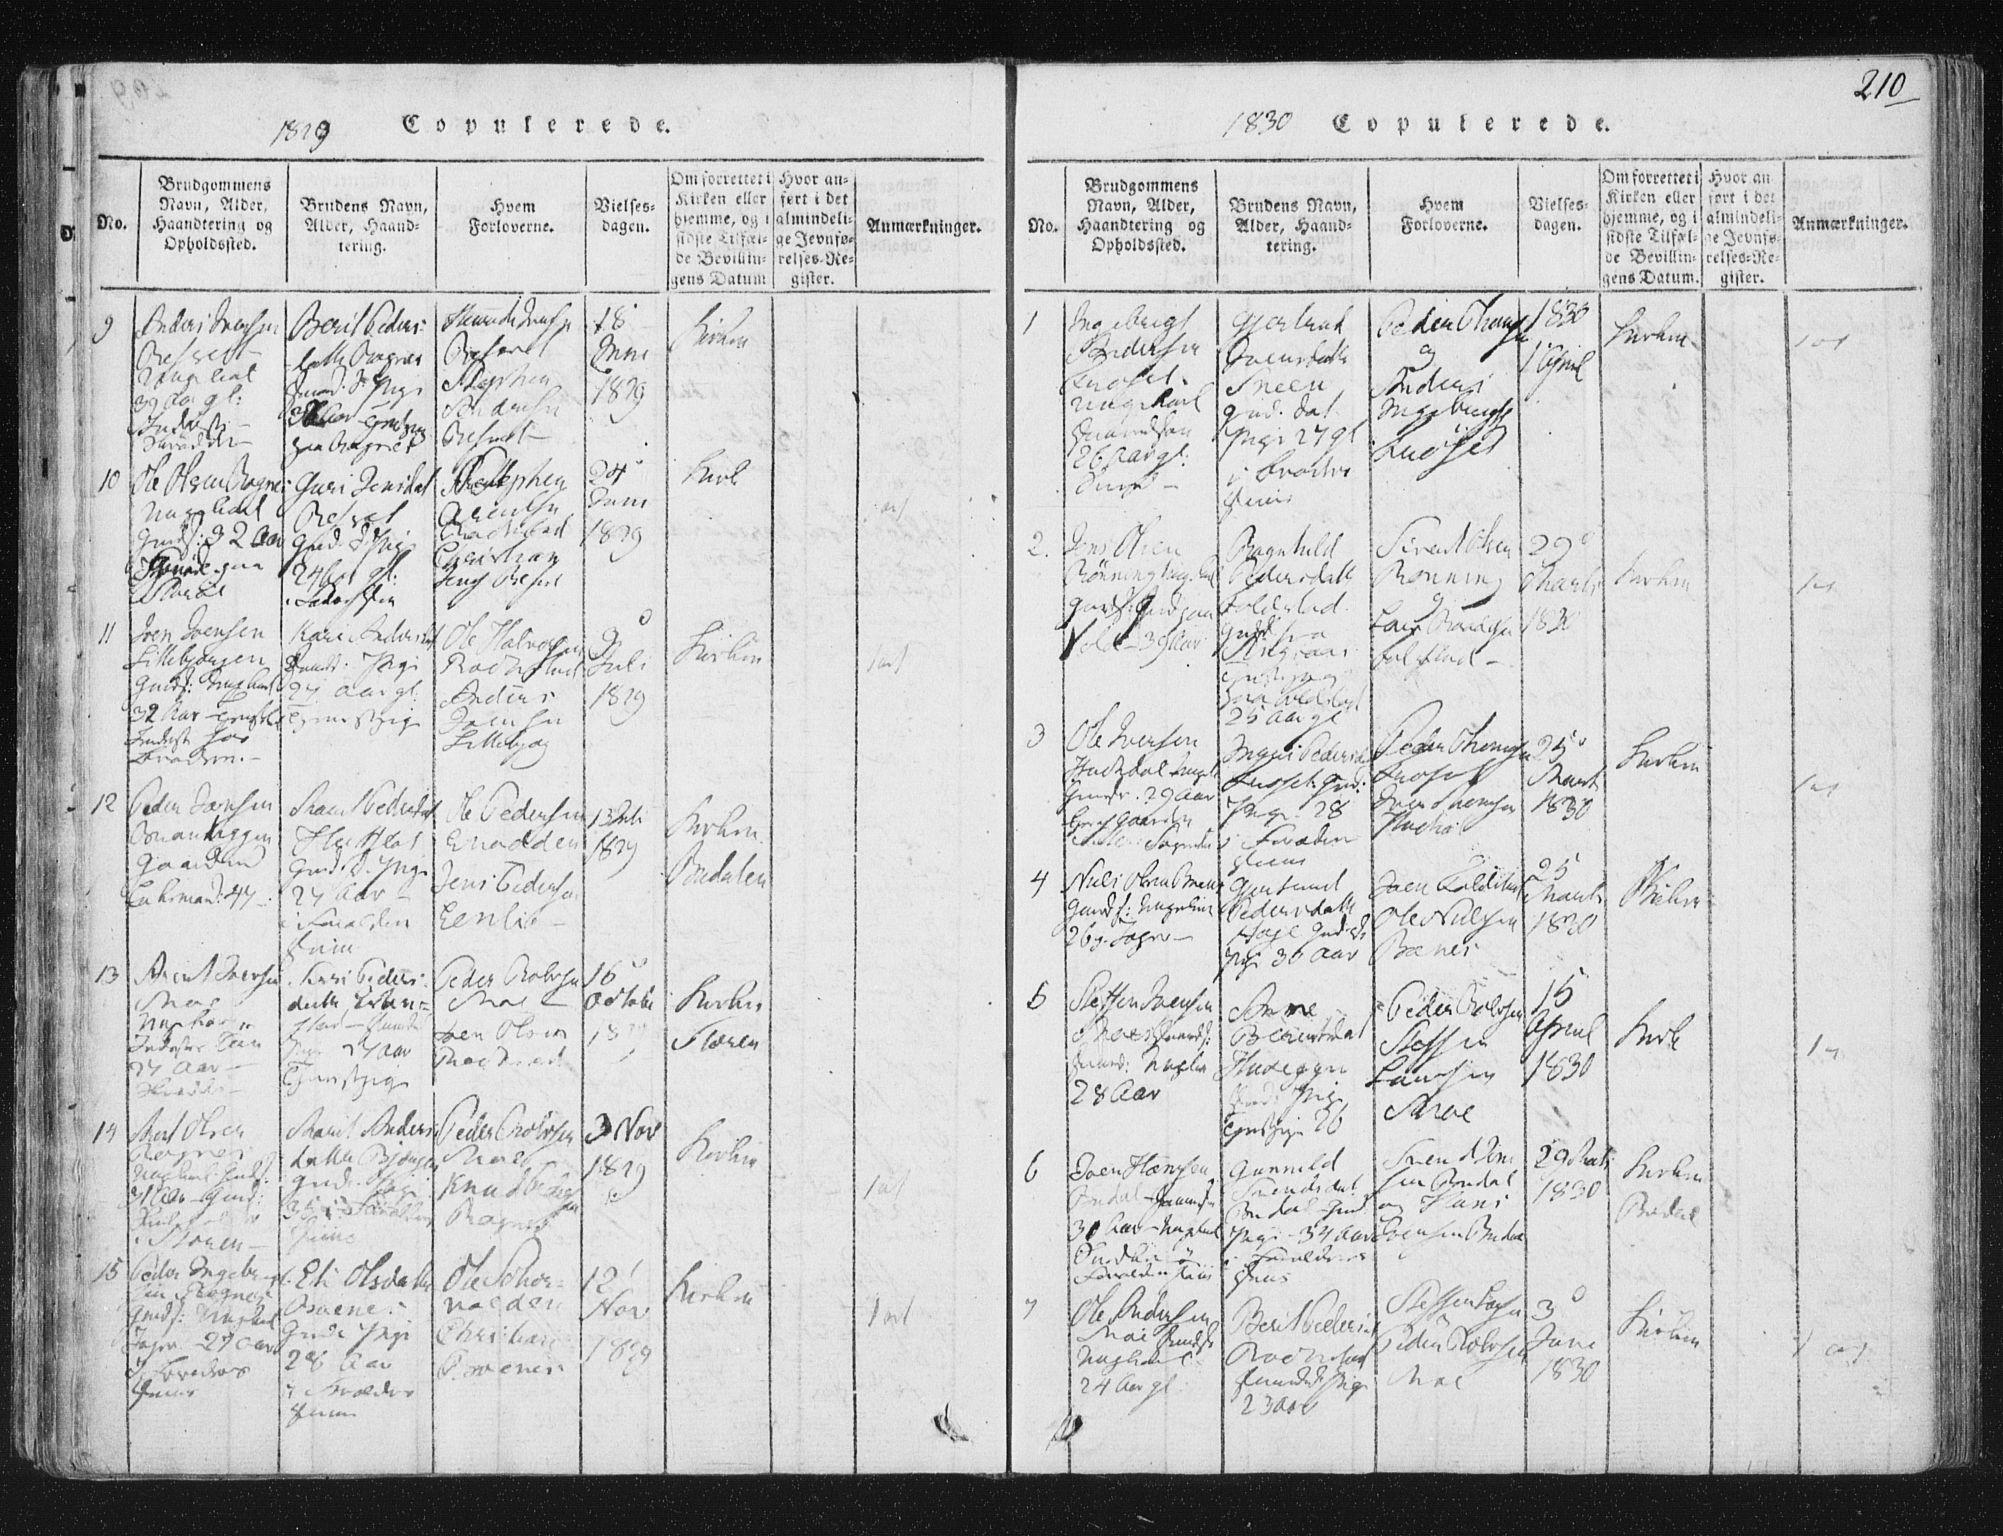 SAT, Ministerialprotokoller, klokkerbøker og fødselsregistre - Sør-Trøndelag, 687/L0996: Ministerialbok nr. 687A04, 1816-1842, s. 210